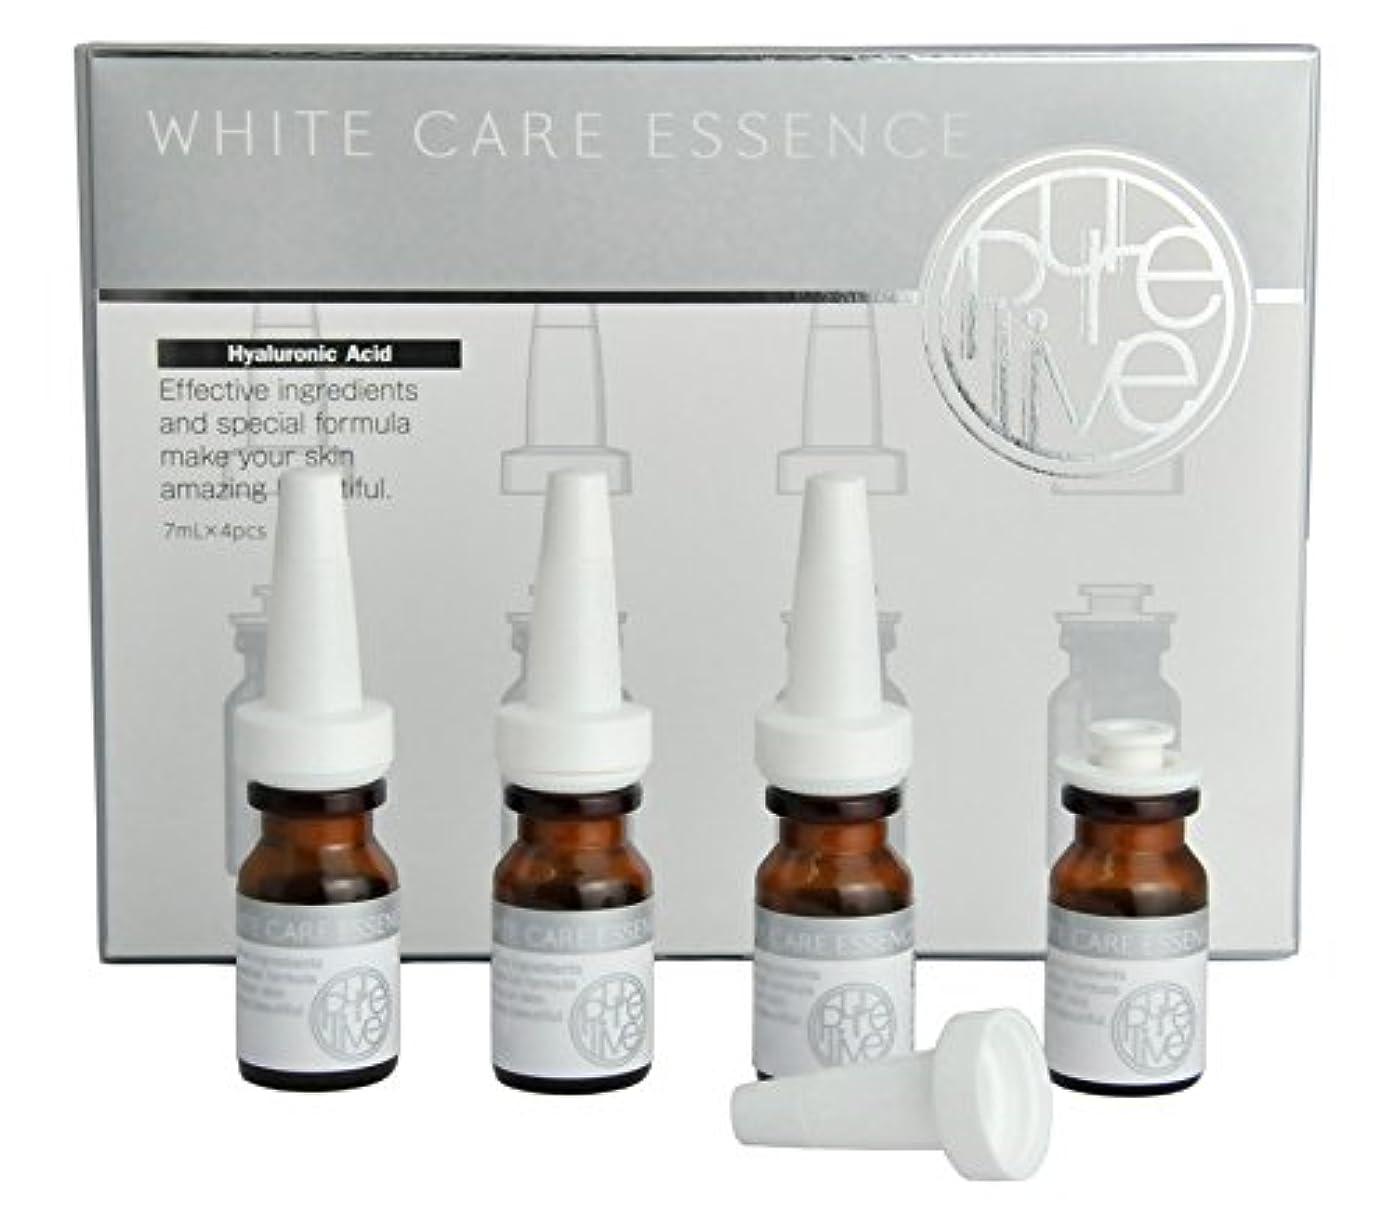 落ち込んでいるインク補助[PURELIVE] クリア エッセンス WHITE CARE ESSENCE‐KH762081